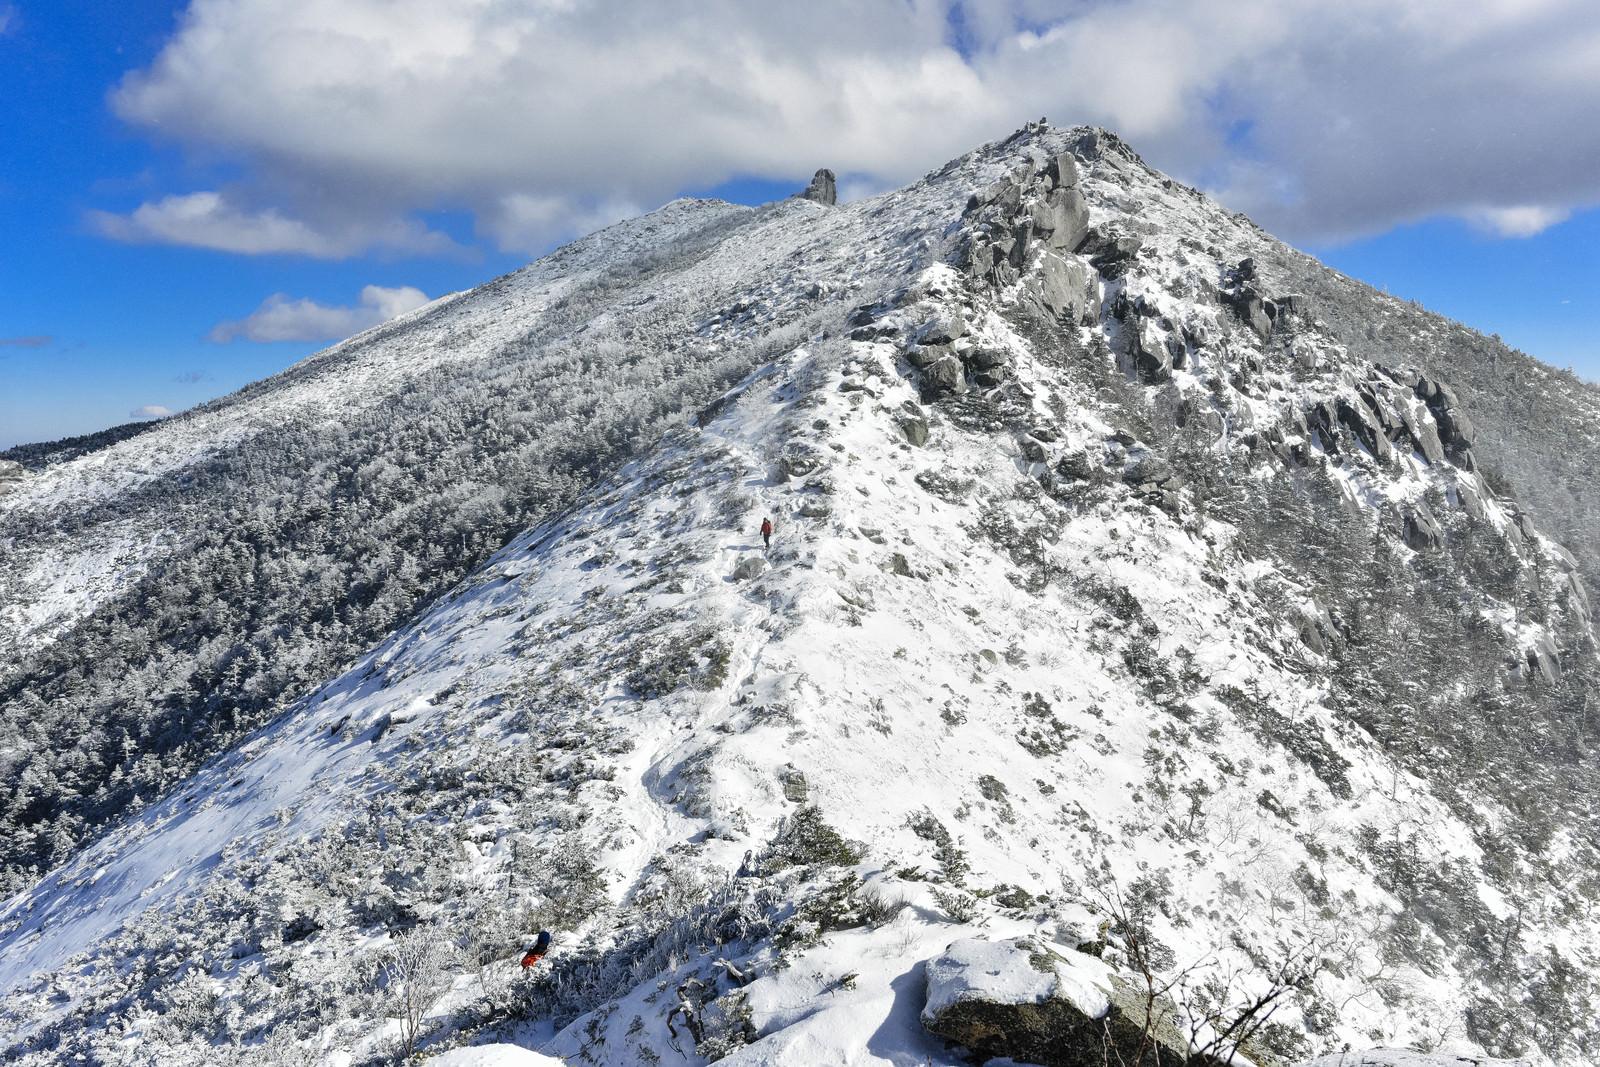 「金峰山山頂の五丈岩を目指して歩く登山者」の写真